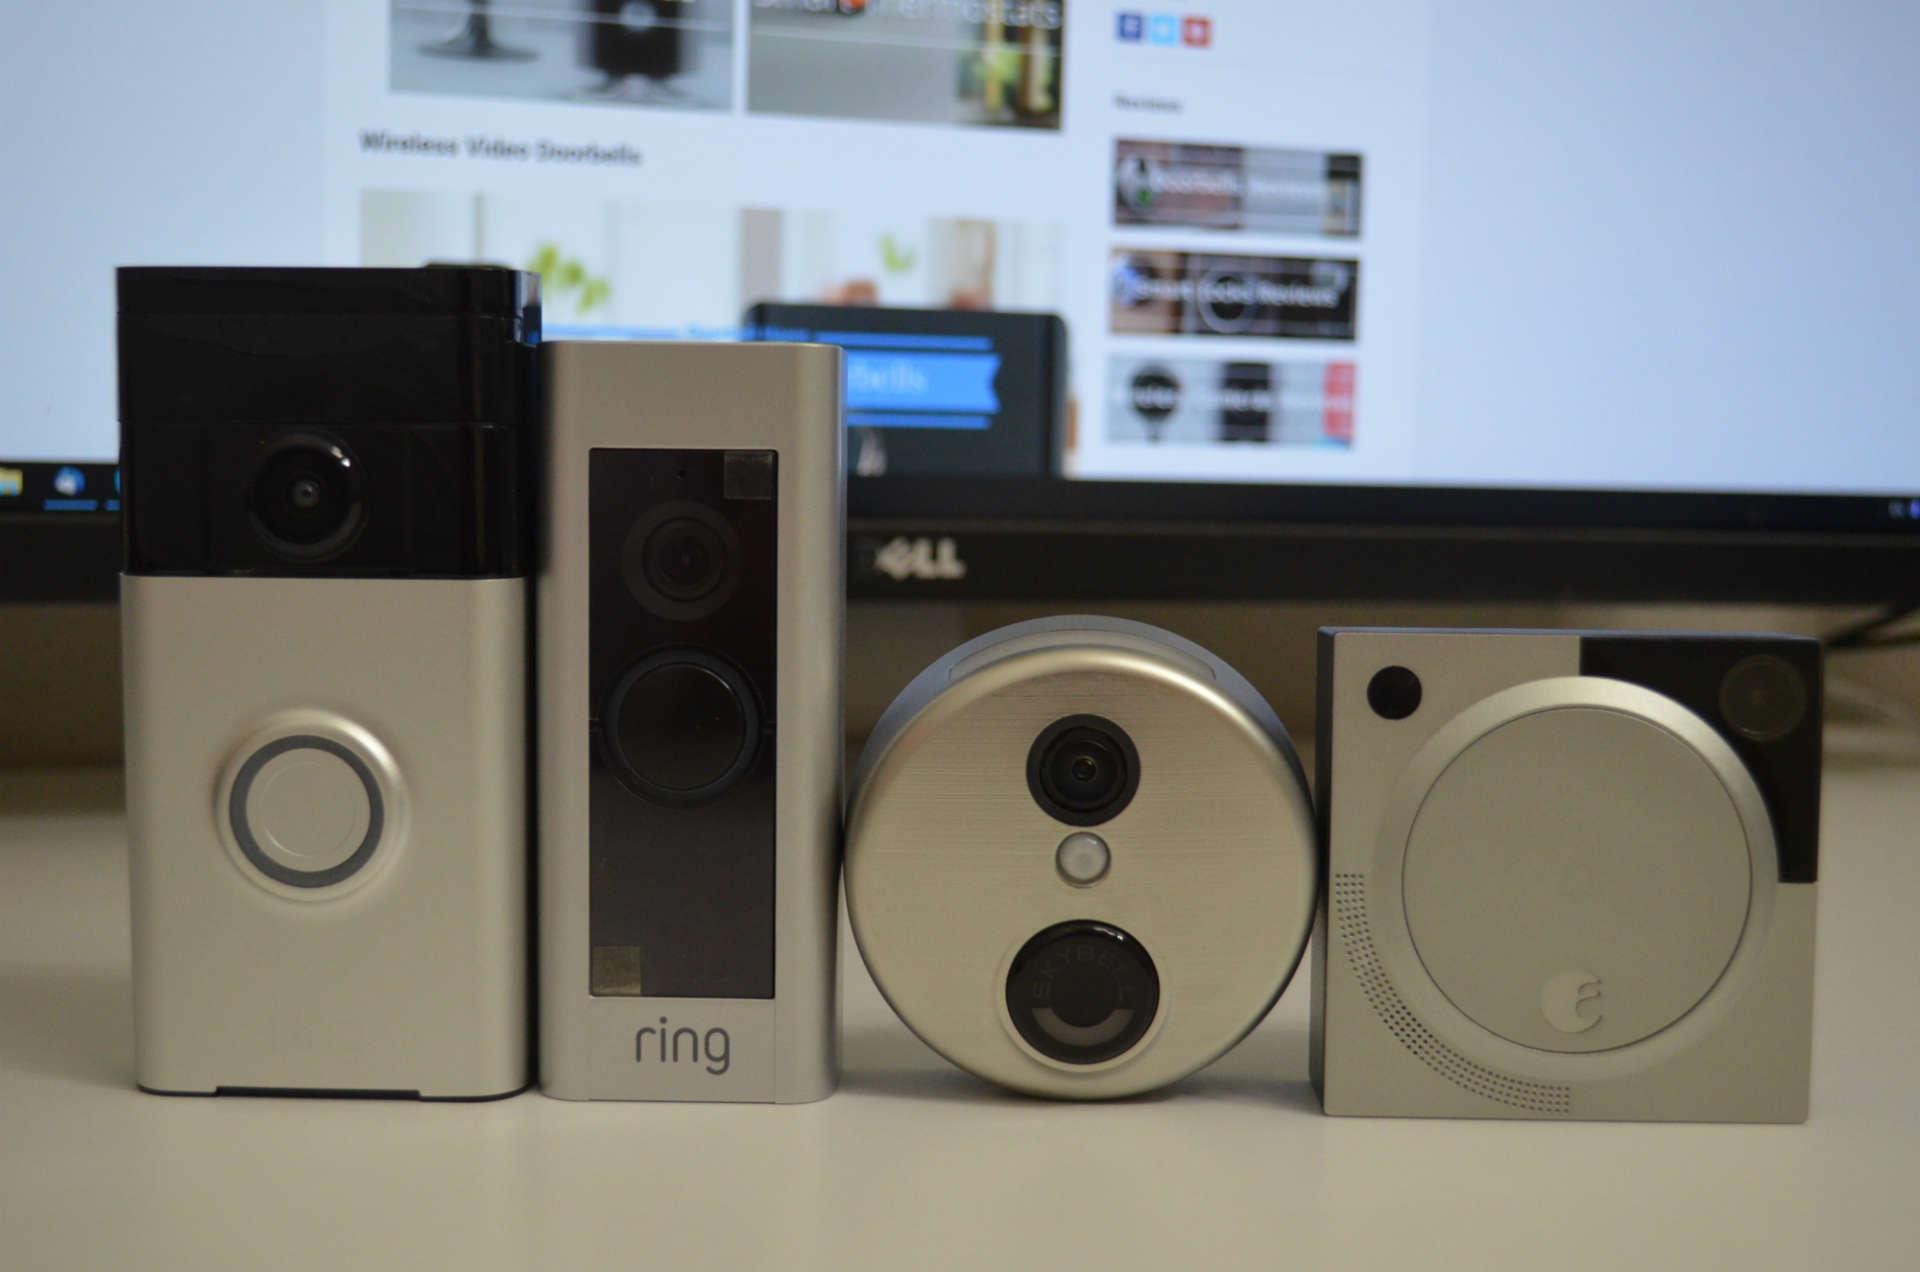 Ring Video Doorbell Pro Vs Ring Video